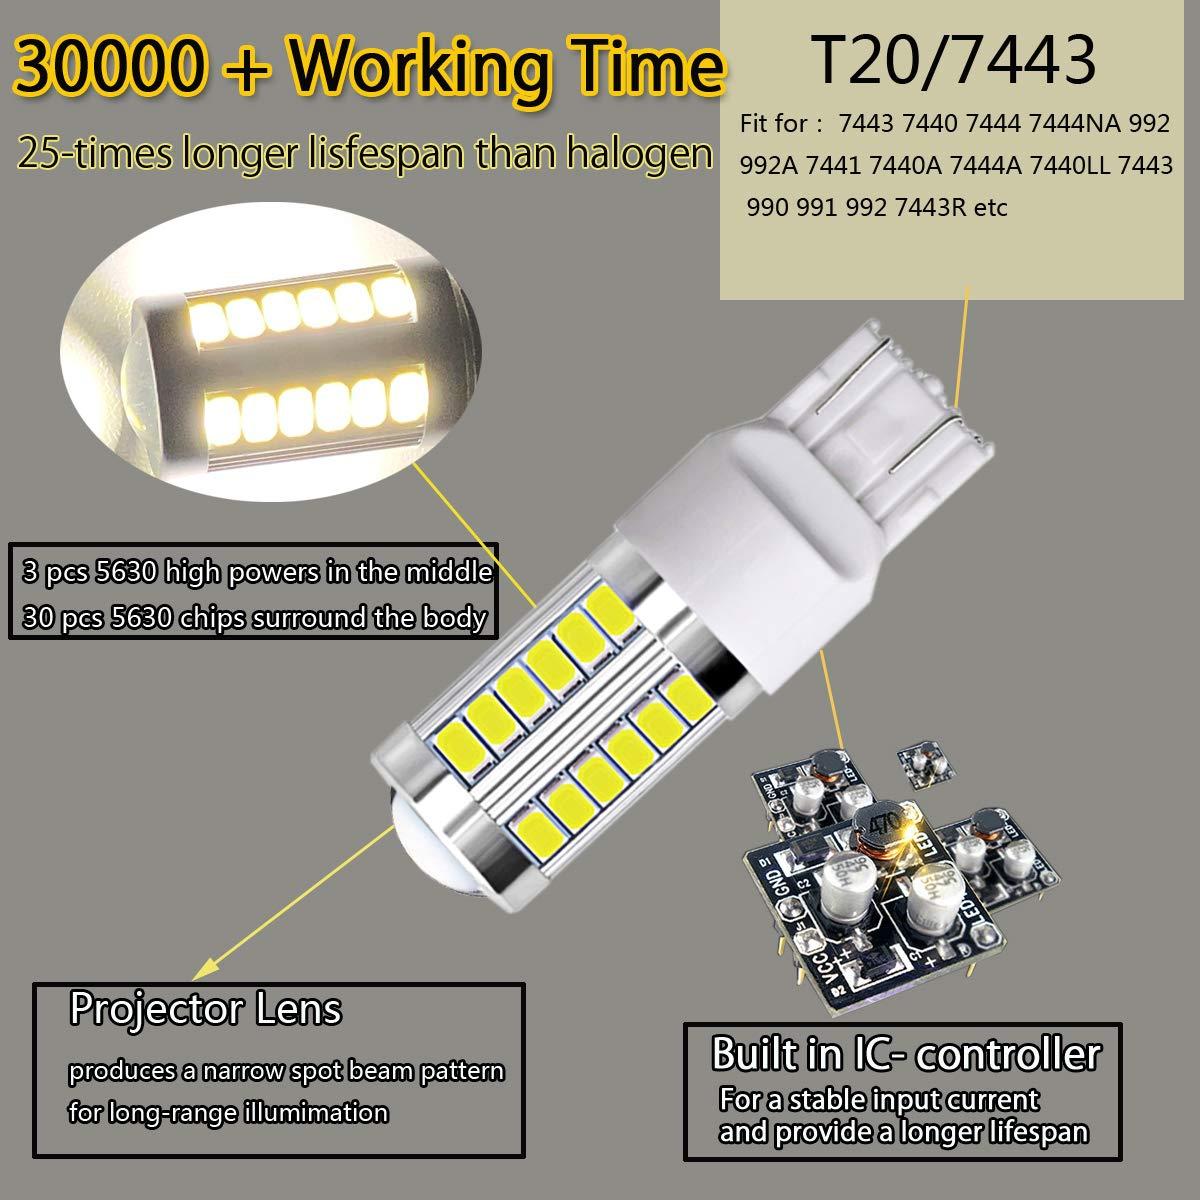 Back Up Light TORIBIO 12-24V T20 7443 7440 W21W LED Bulbs 5730 Chipsets 33SMD Light Bulb Bright Red for Reverse Light Tail Light Fog Light Brake Light (pack of 4)